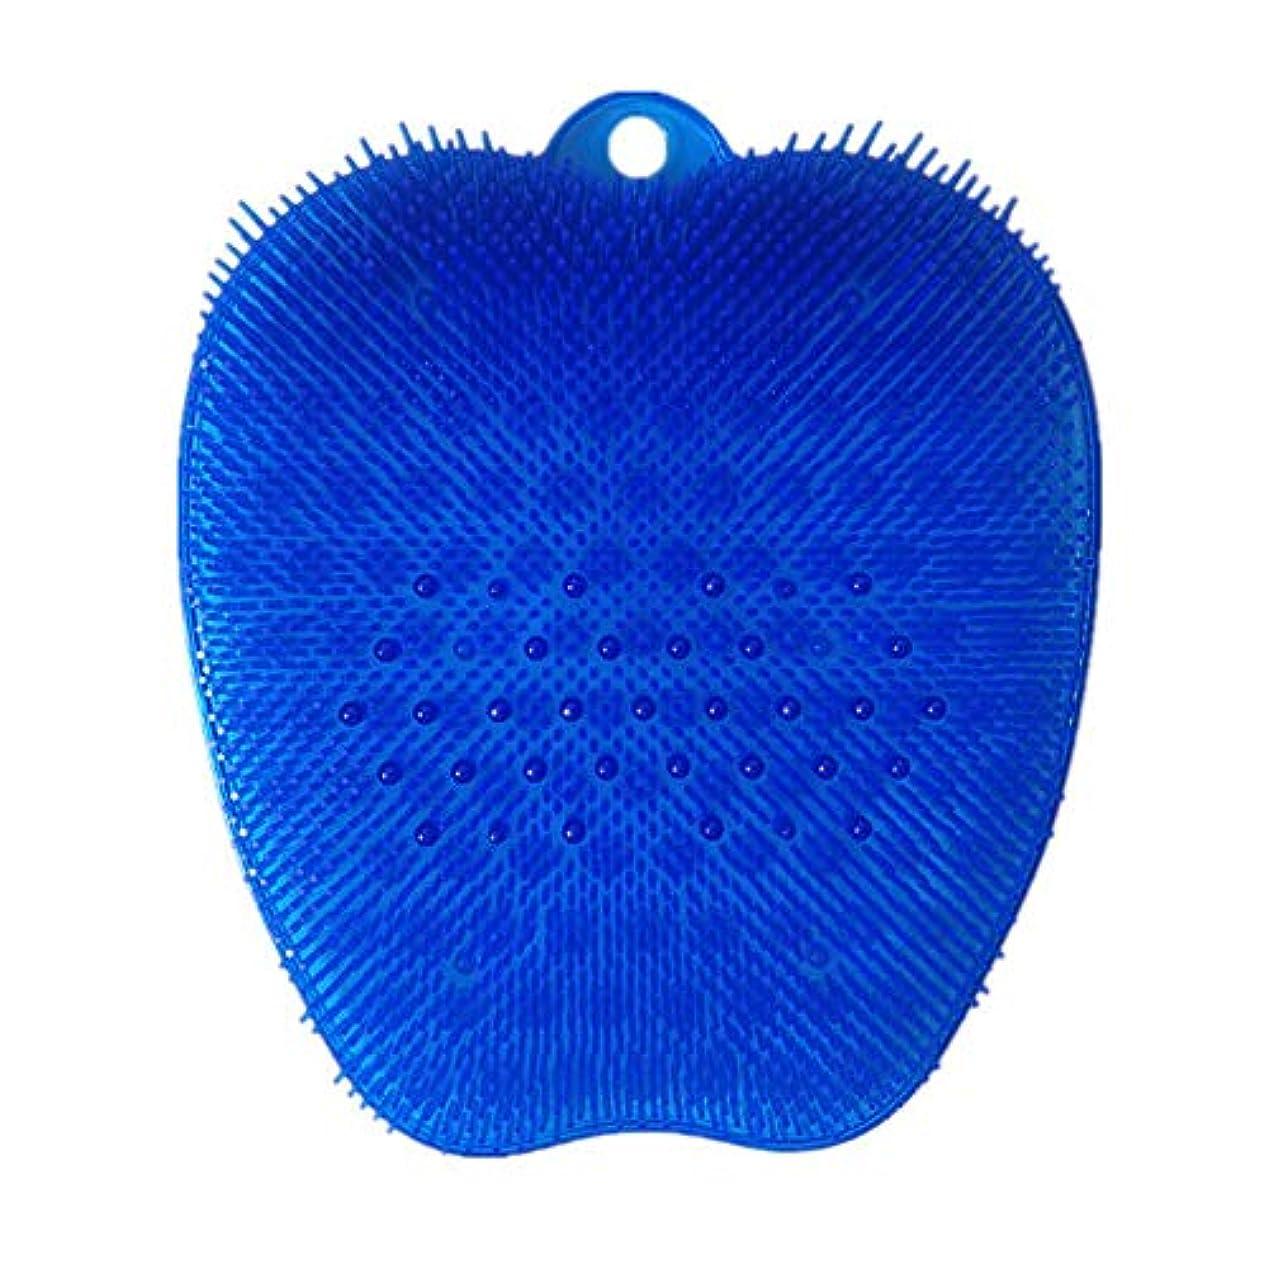 気絶させる暗記するギャロップ足洗いブラシ 滑らない吸盤付き ブルー フットケア フットブラシ 角質ケアブラシ お風呂で使える